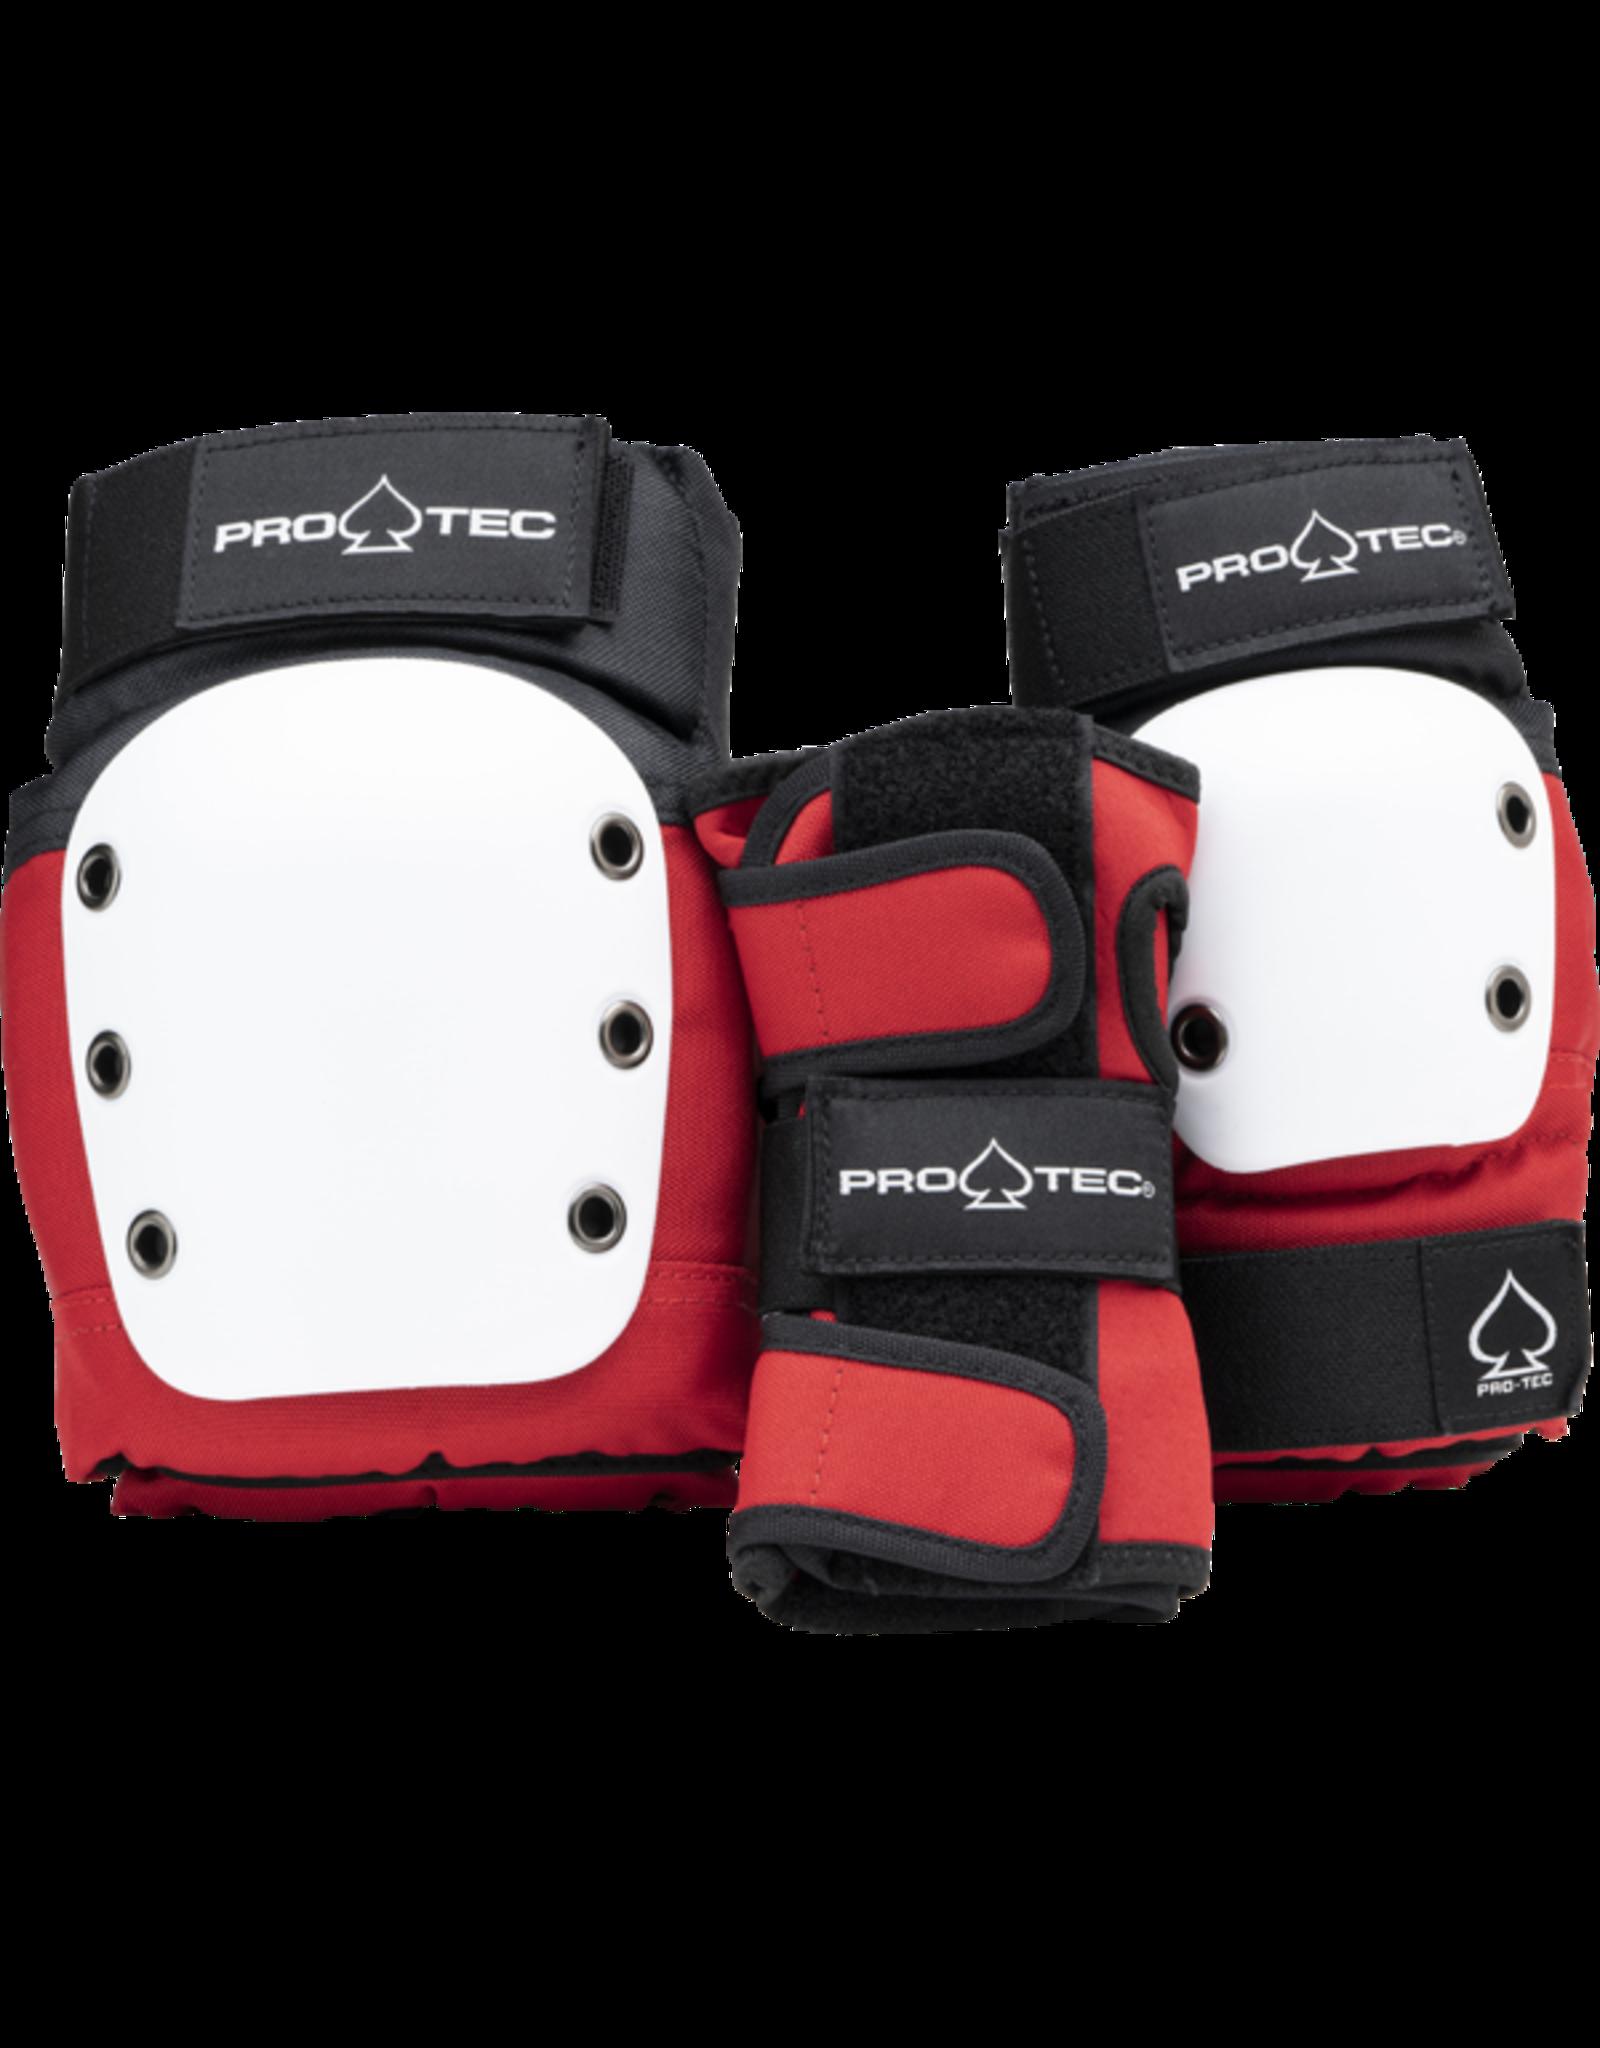 Pro-Tec Junior 3 Pack Pad Sets